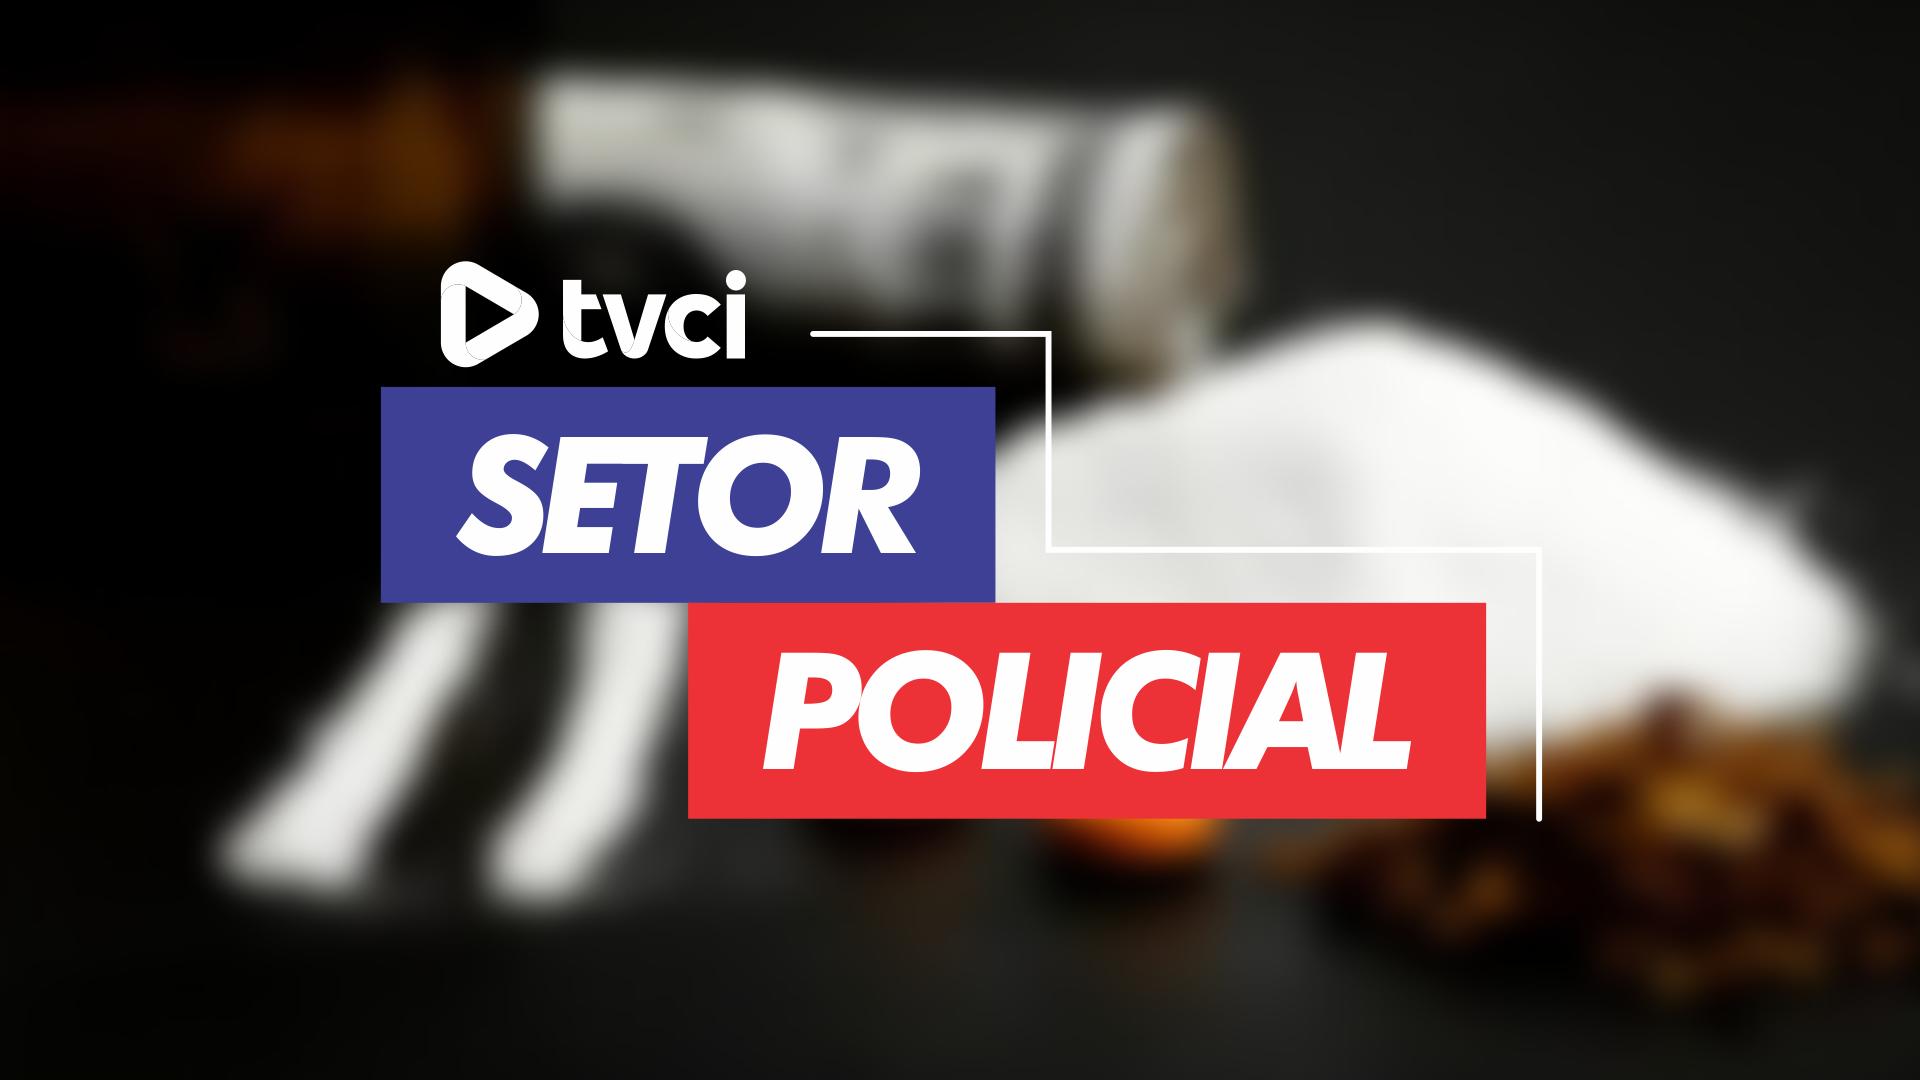 Tribunal do crime: seis pessoas presas em flagrante em Pontal do Paraná são denunciadas por organização criminosa pelo MPPR